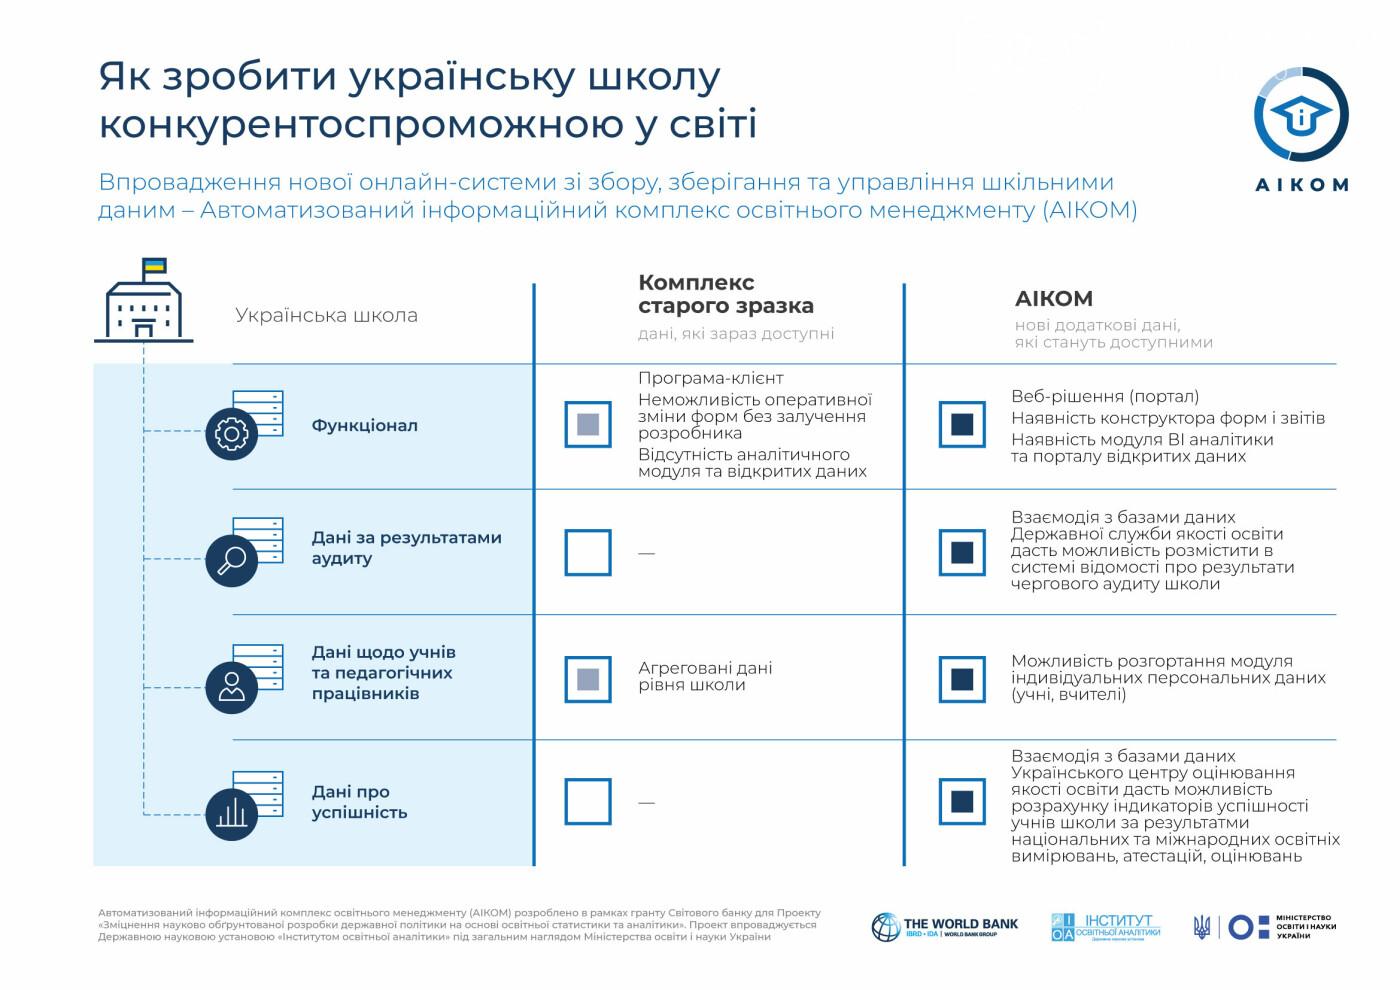 Школи і дитсадочки Кам'янець-Подільського приєднають до нової системи управління для підвищення якості освіти , фото-1